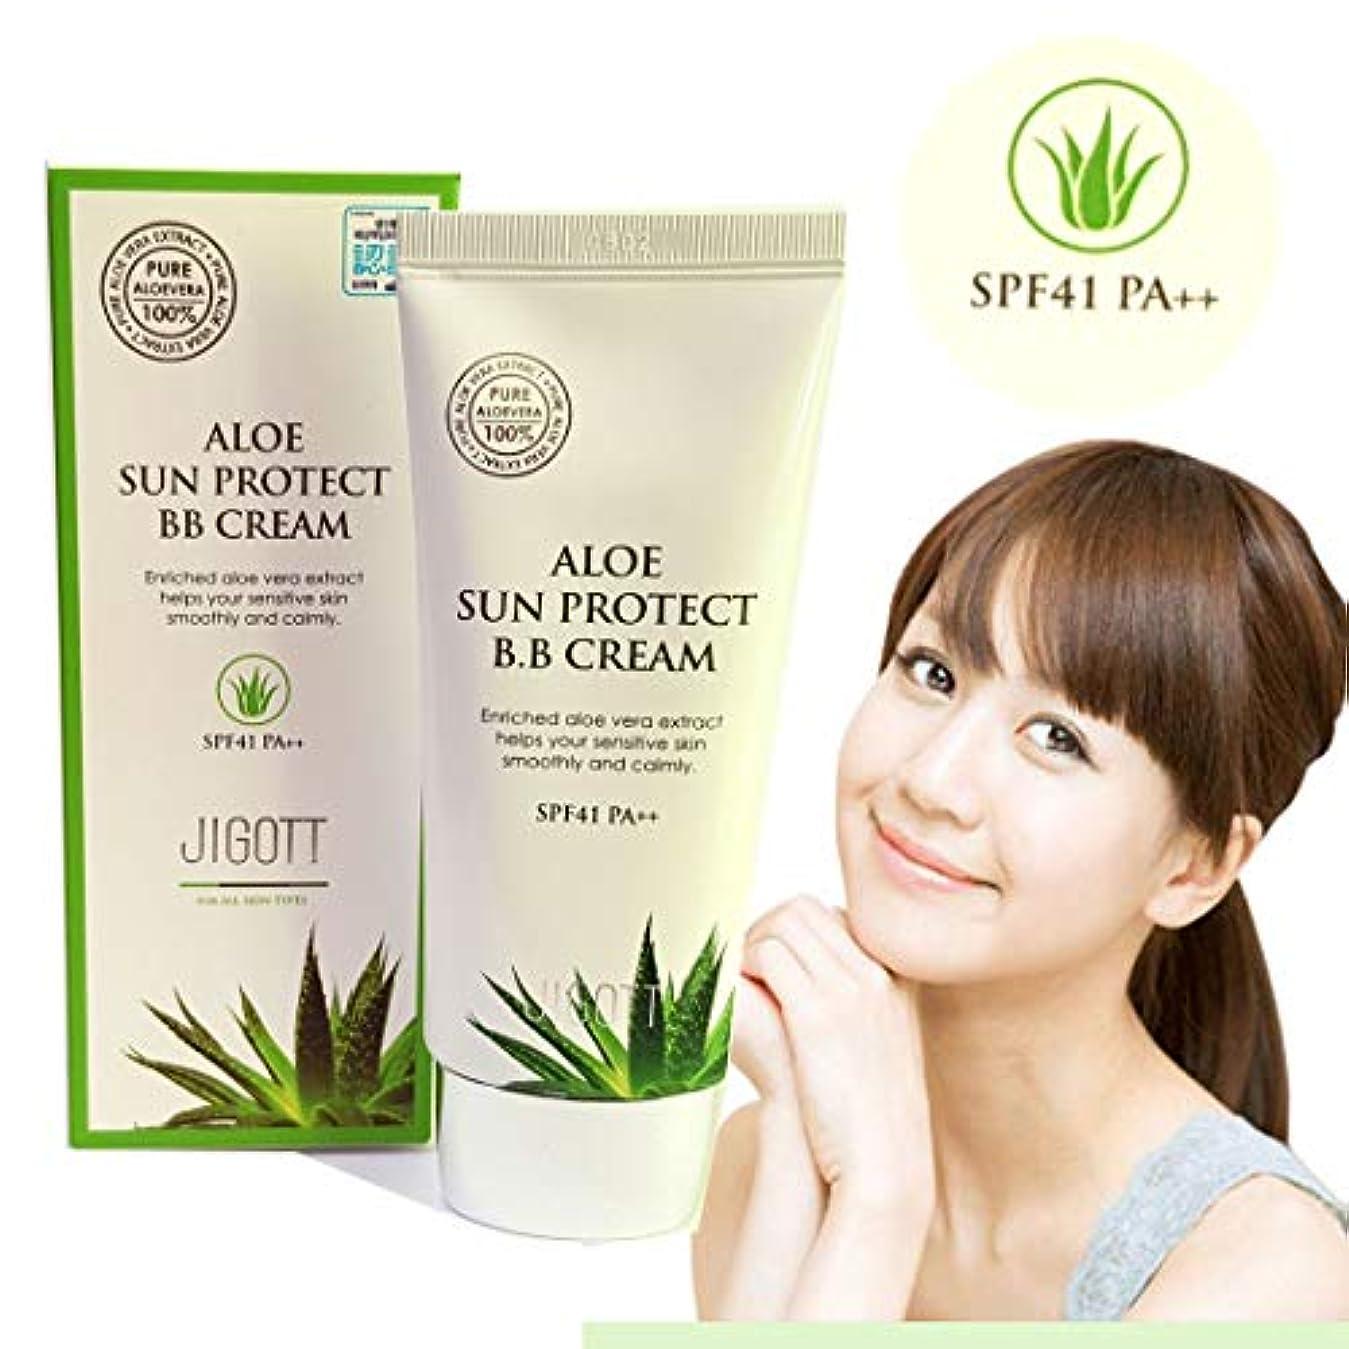 会う幾分コミュニティ[JIGOTT] アロエサンプロテクトBBクリーム50ml / Aloe Sun Protect BB Cream 50ml / SPF41 PA ++ /アロエベラエキス/水分&栄養/Aloe vera extract...